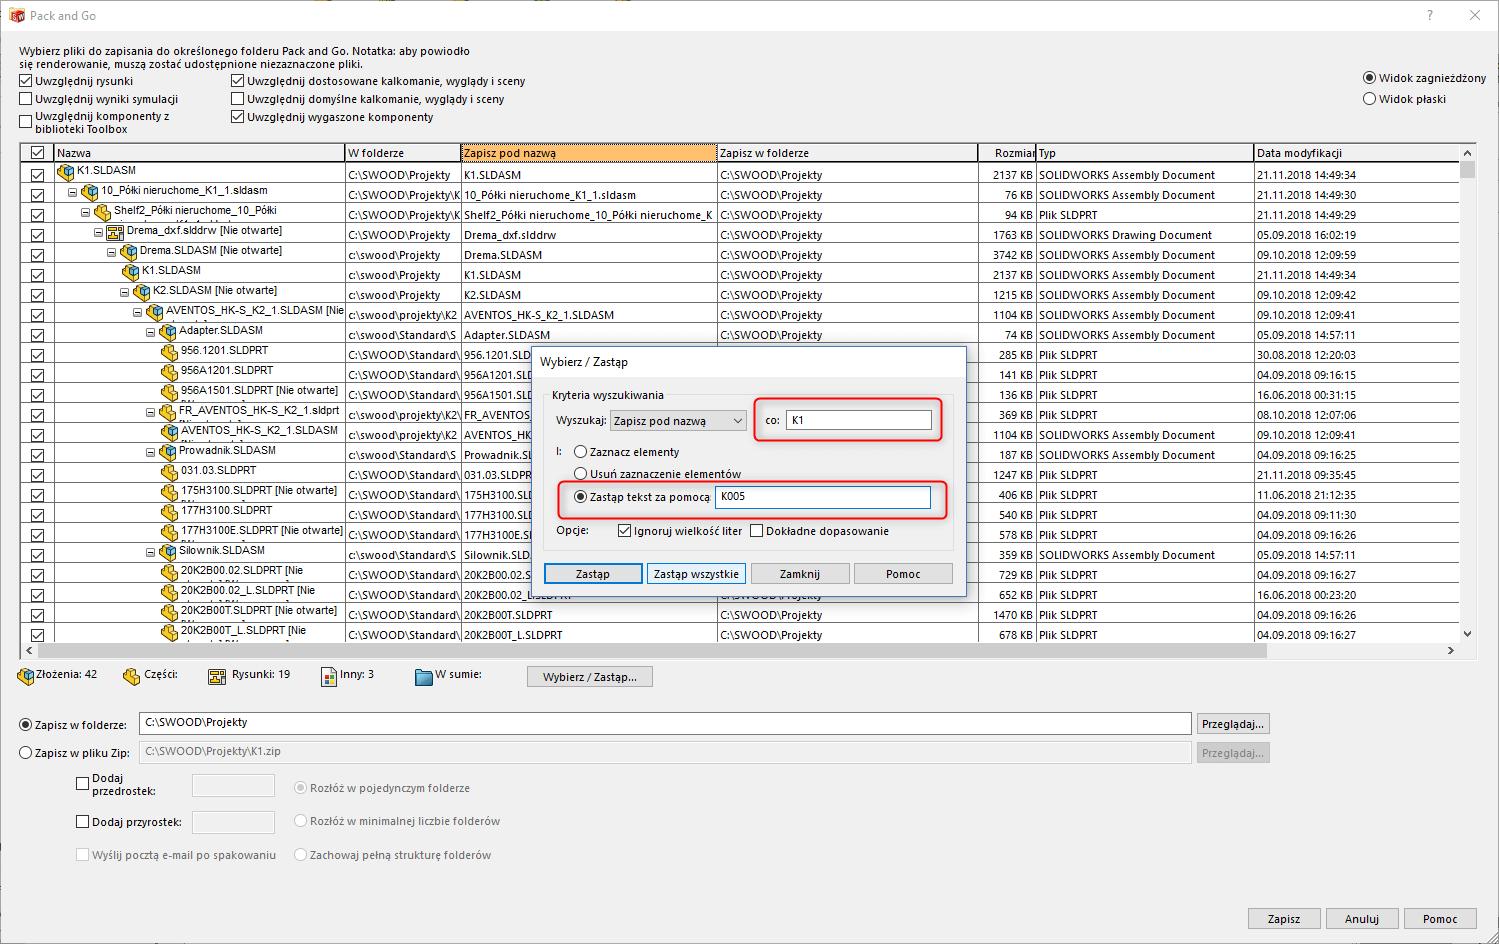 aktualizacja odniesień podczas-kopiowania solidworks swood 2